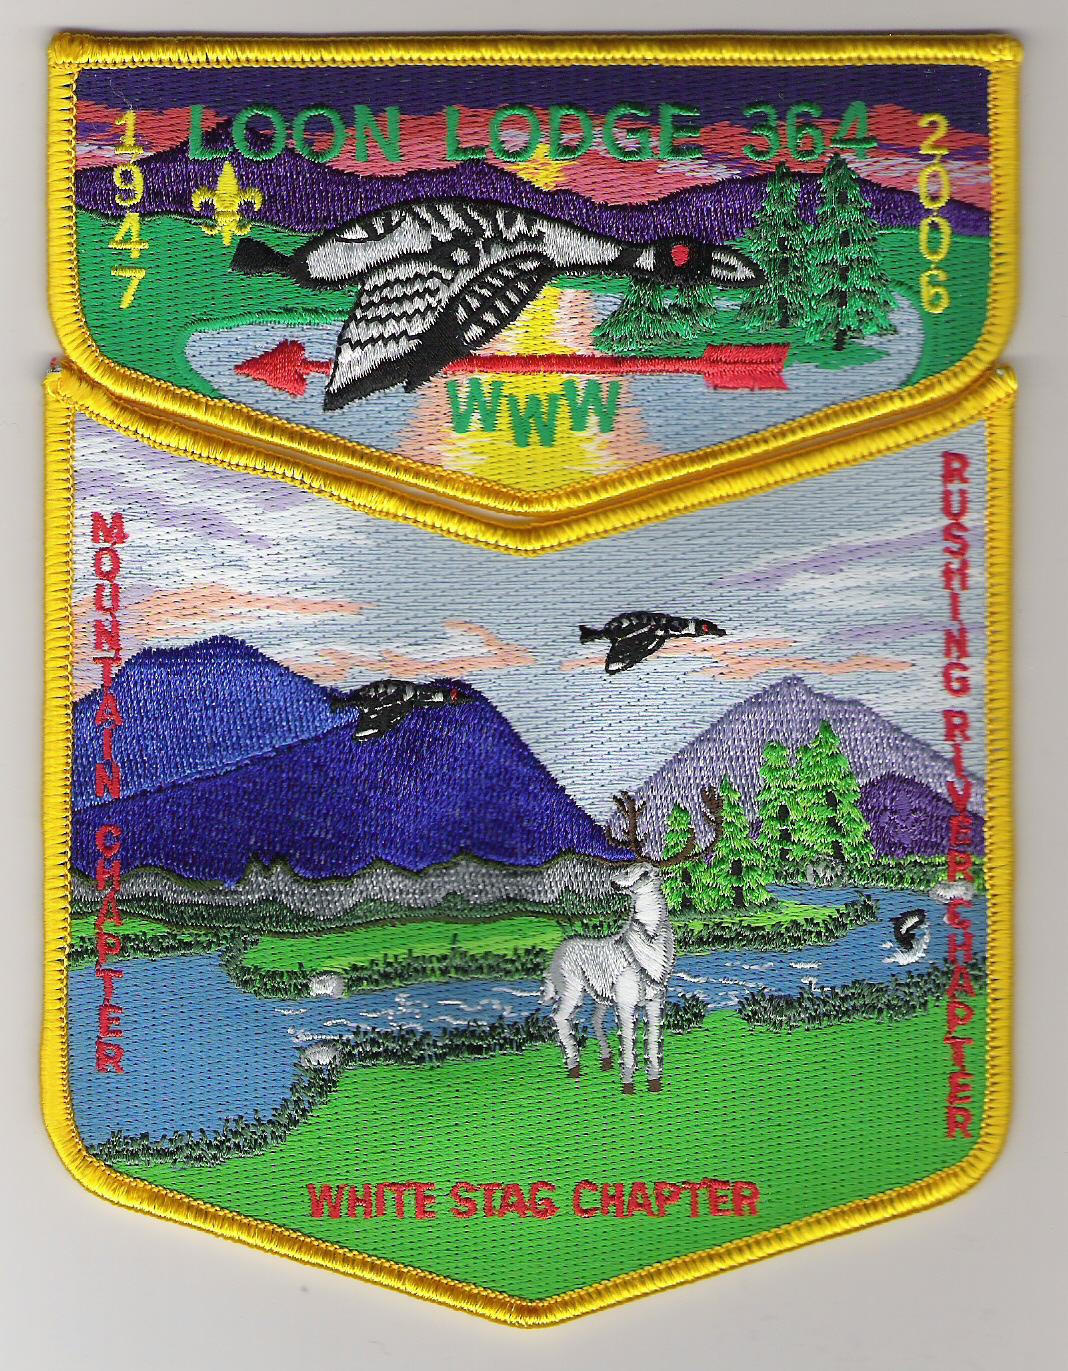 Loon Lodge #364 Memorial Set 1947-2006 S22 X6